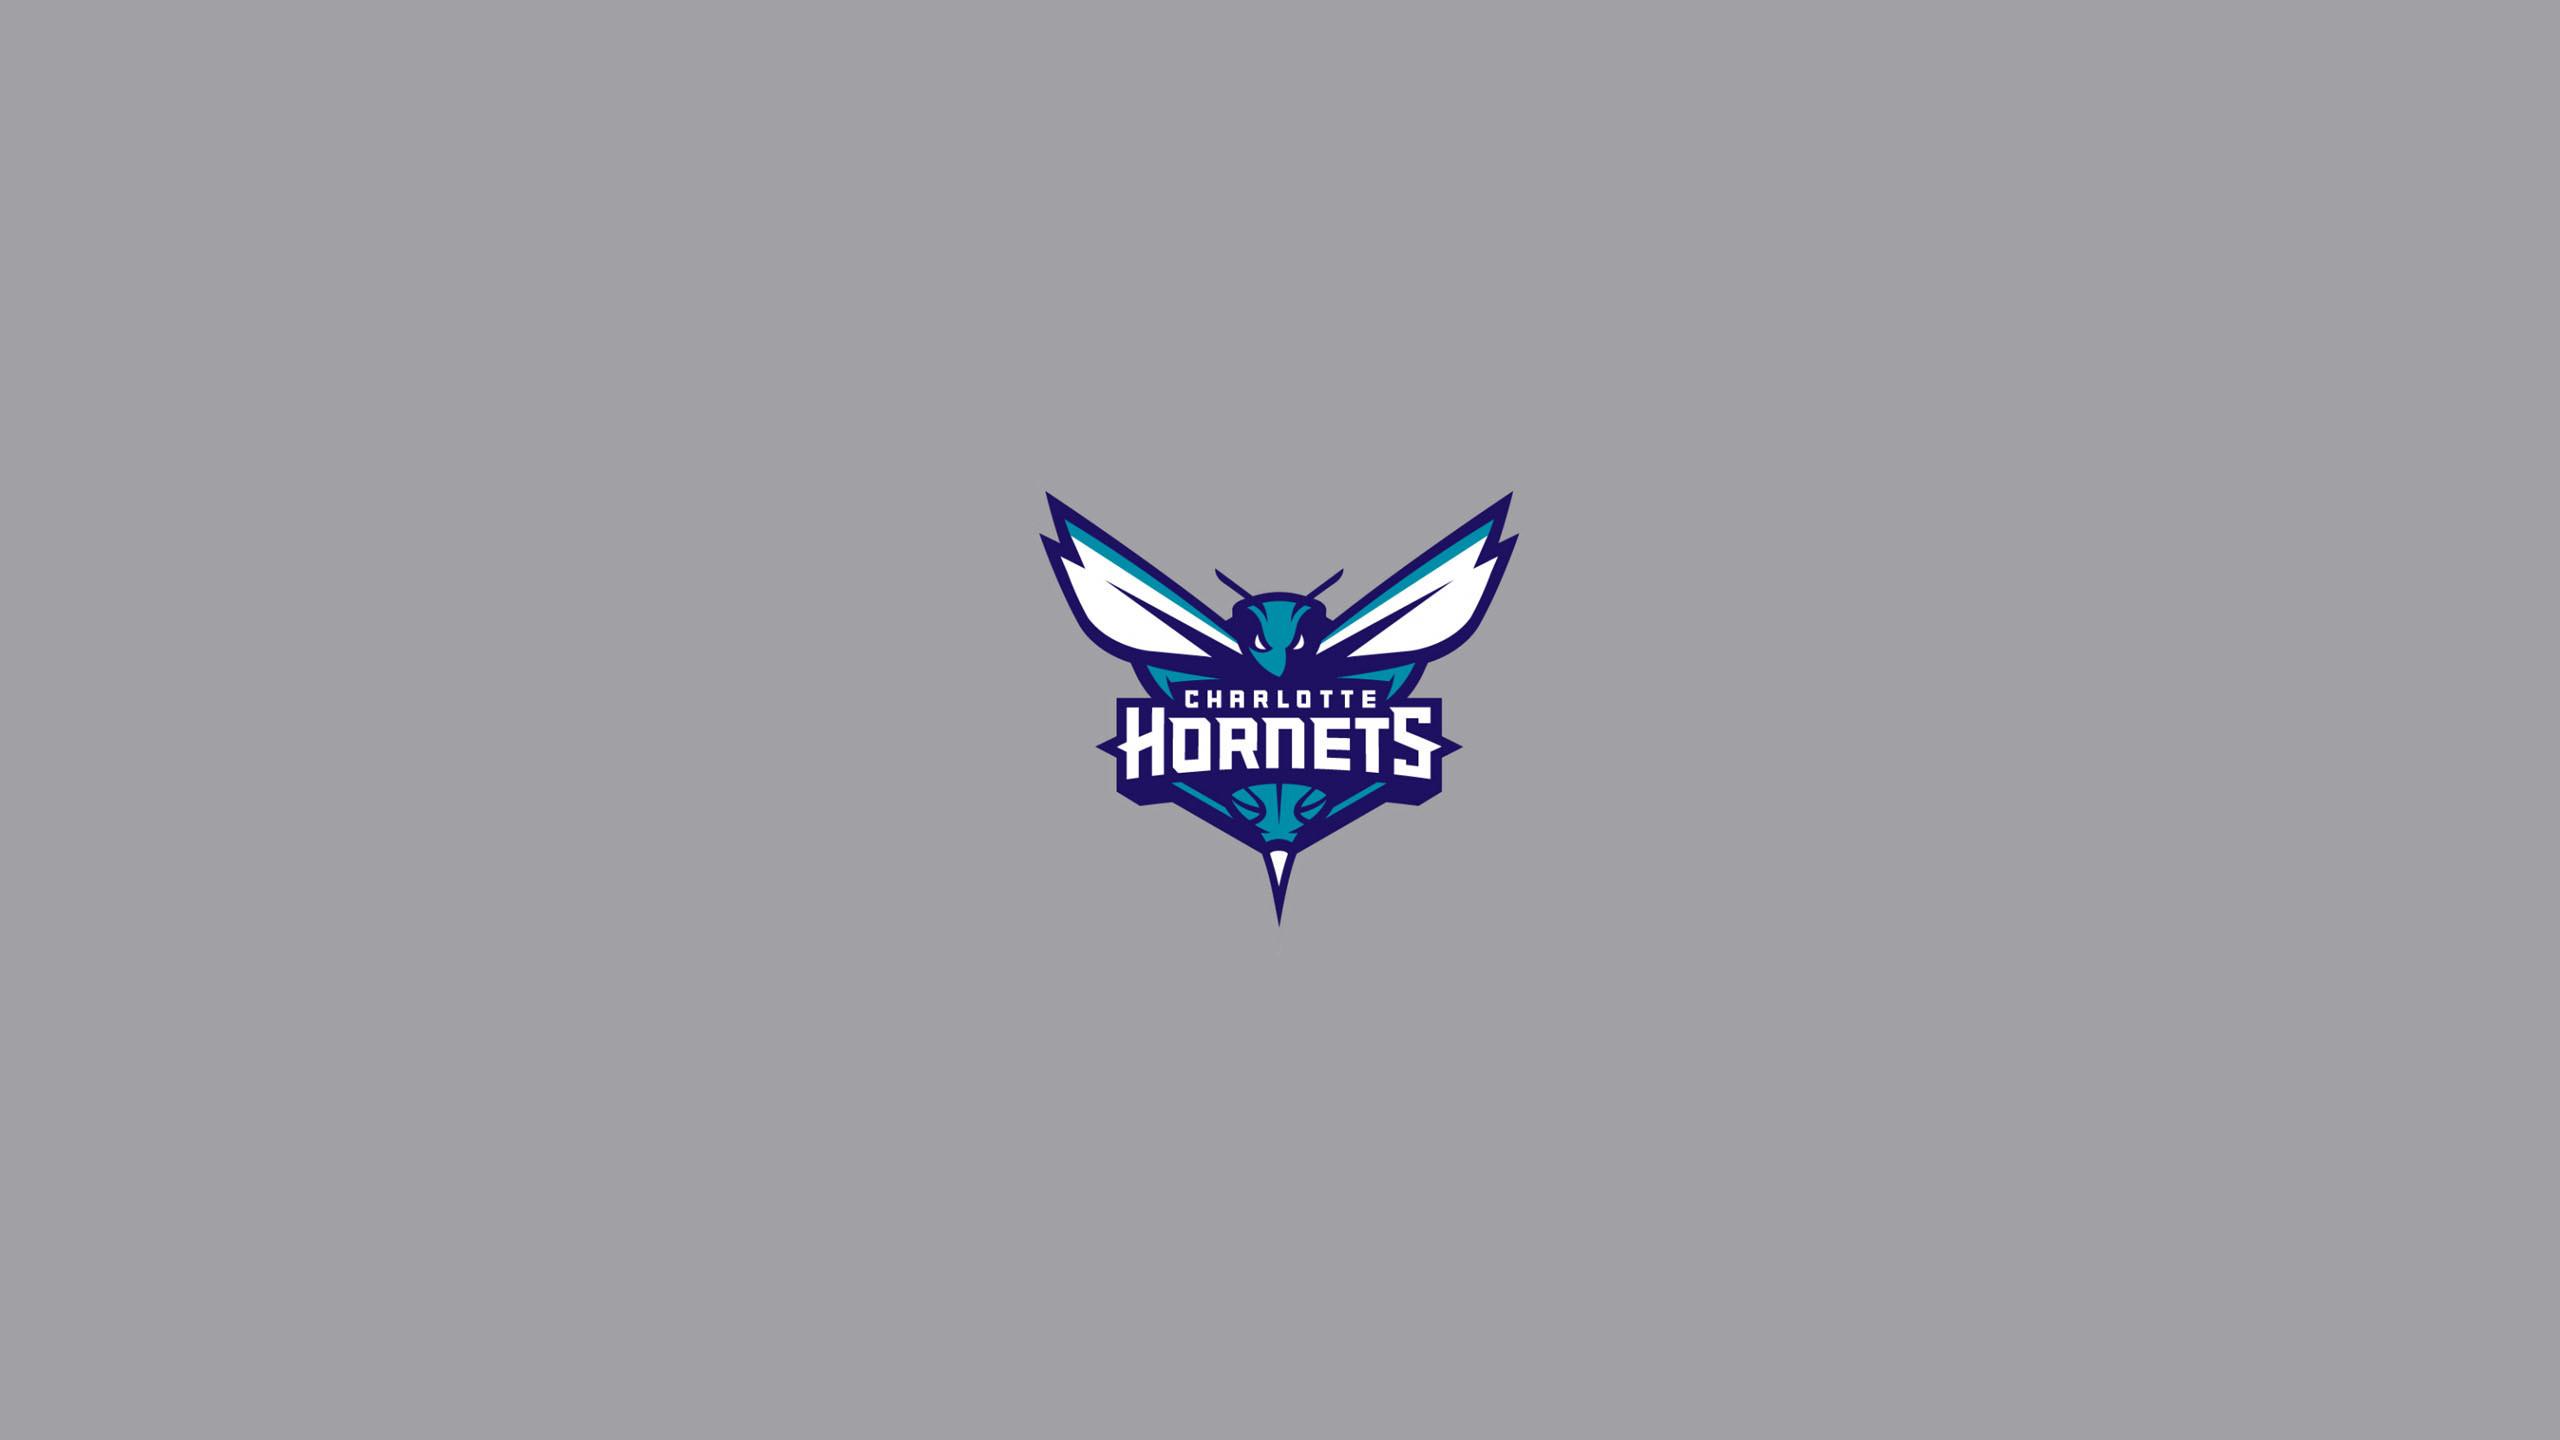 NBA Charlotte Hornets New Logo wallpaper